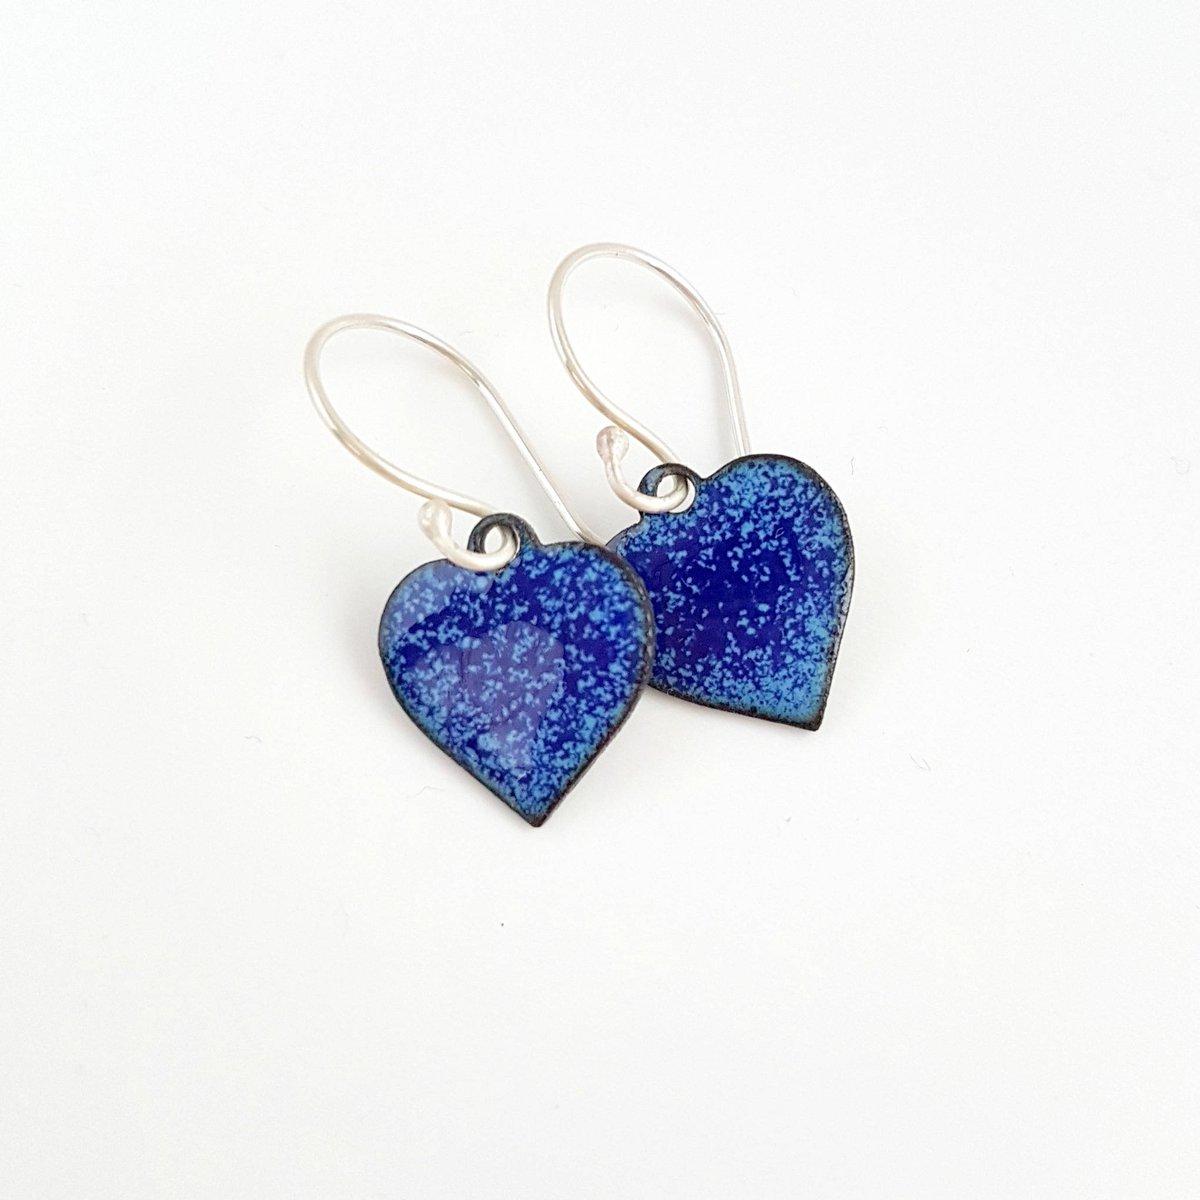 Blue Enamel Heart Earrings  #etsyselleruk #Eshopuk #EtsyUK #87RT #OlineshopRT #LoveEarrings